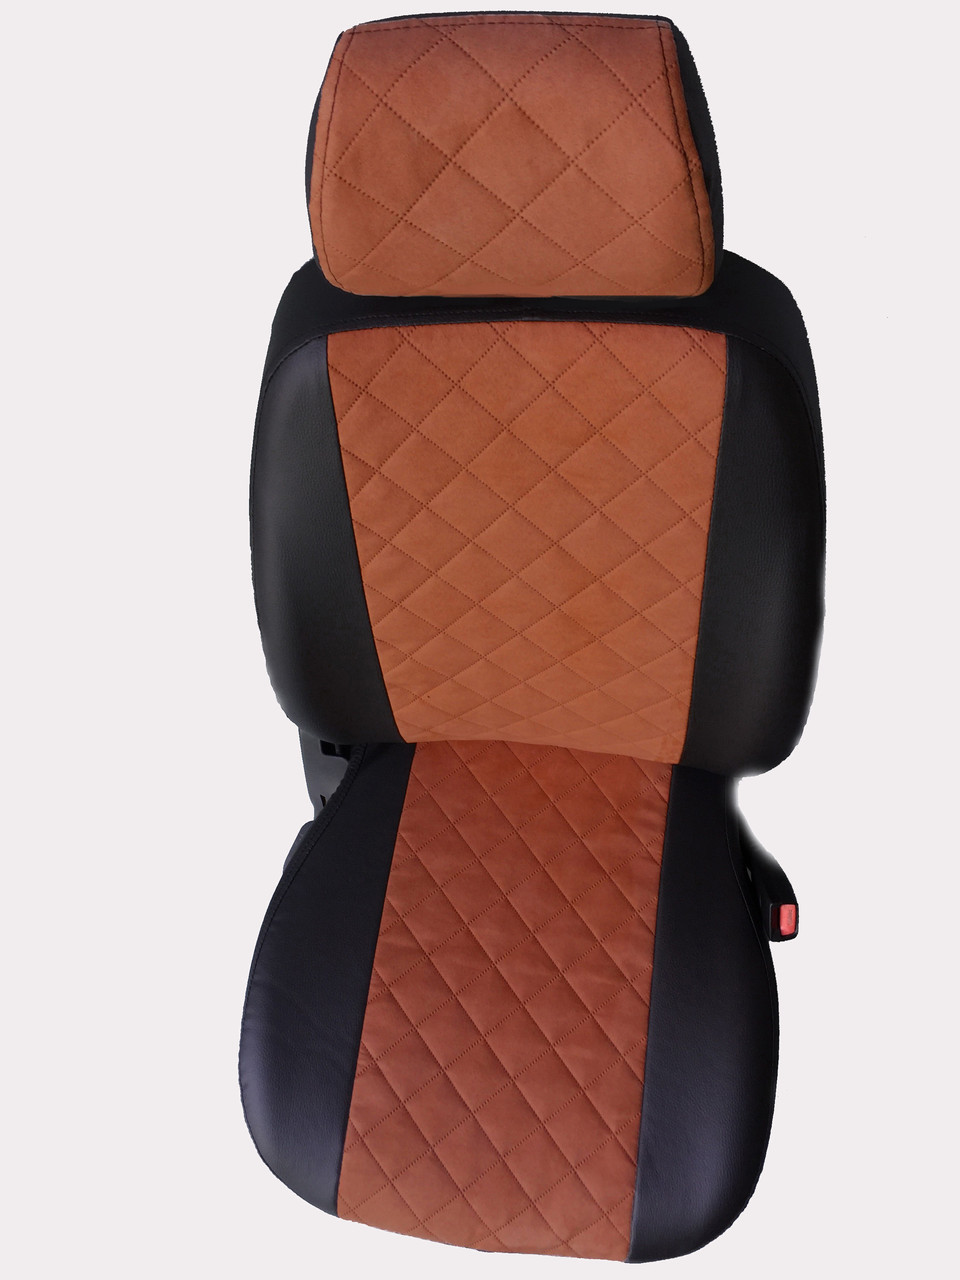 Чехлы на сиденья Джили Эмгранд Х7 (Geely Emgrand X7) (универсальные, экокожа+Алькантара, с отдельным подголовником)